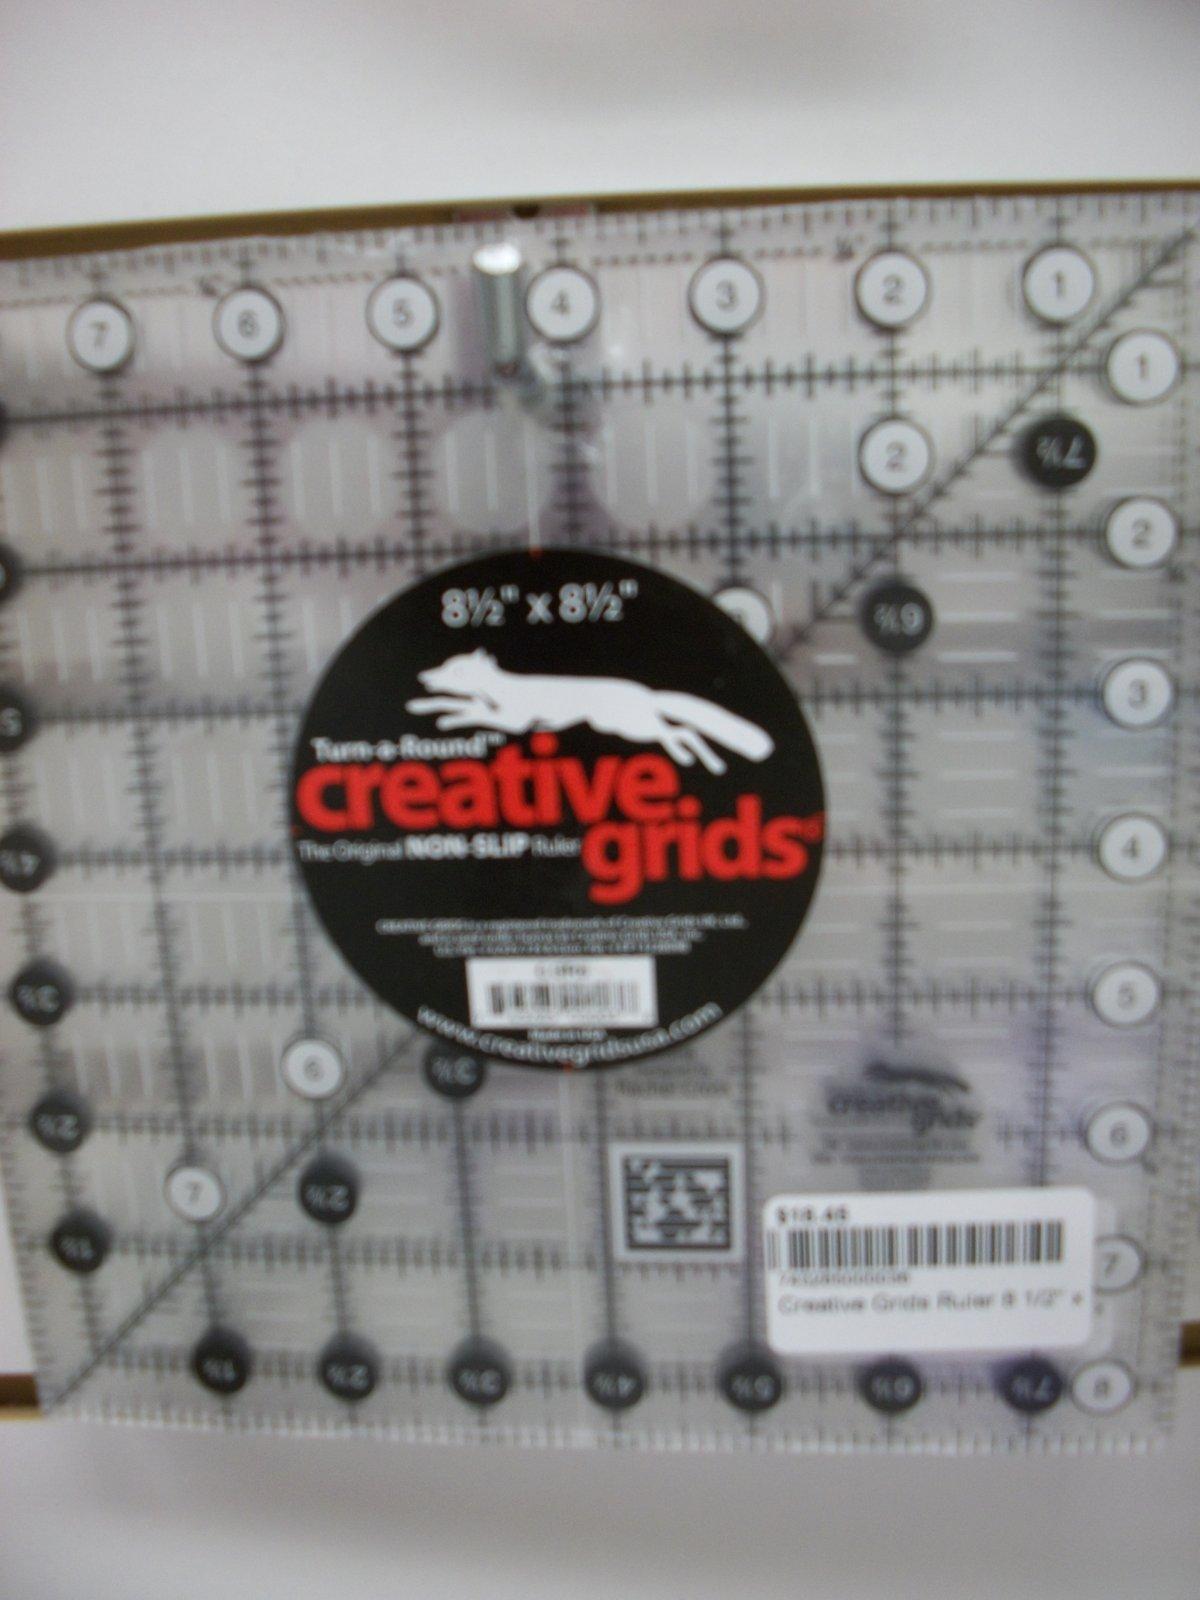 Creative Grids Ruler 8 1/2 x 8 1/2